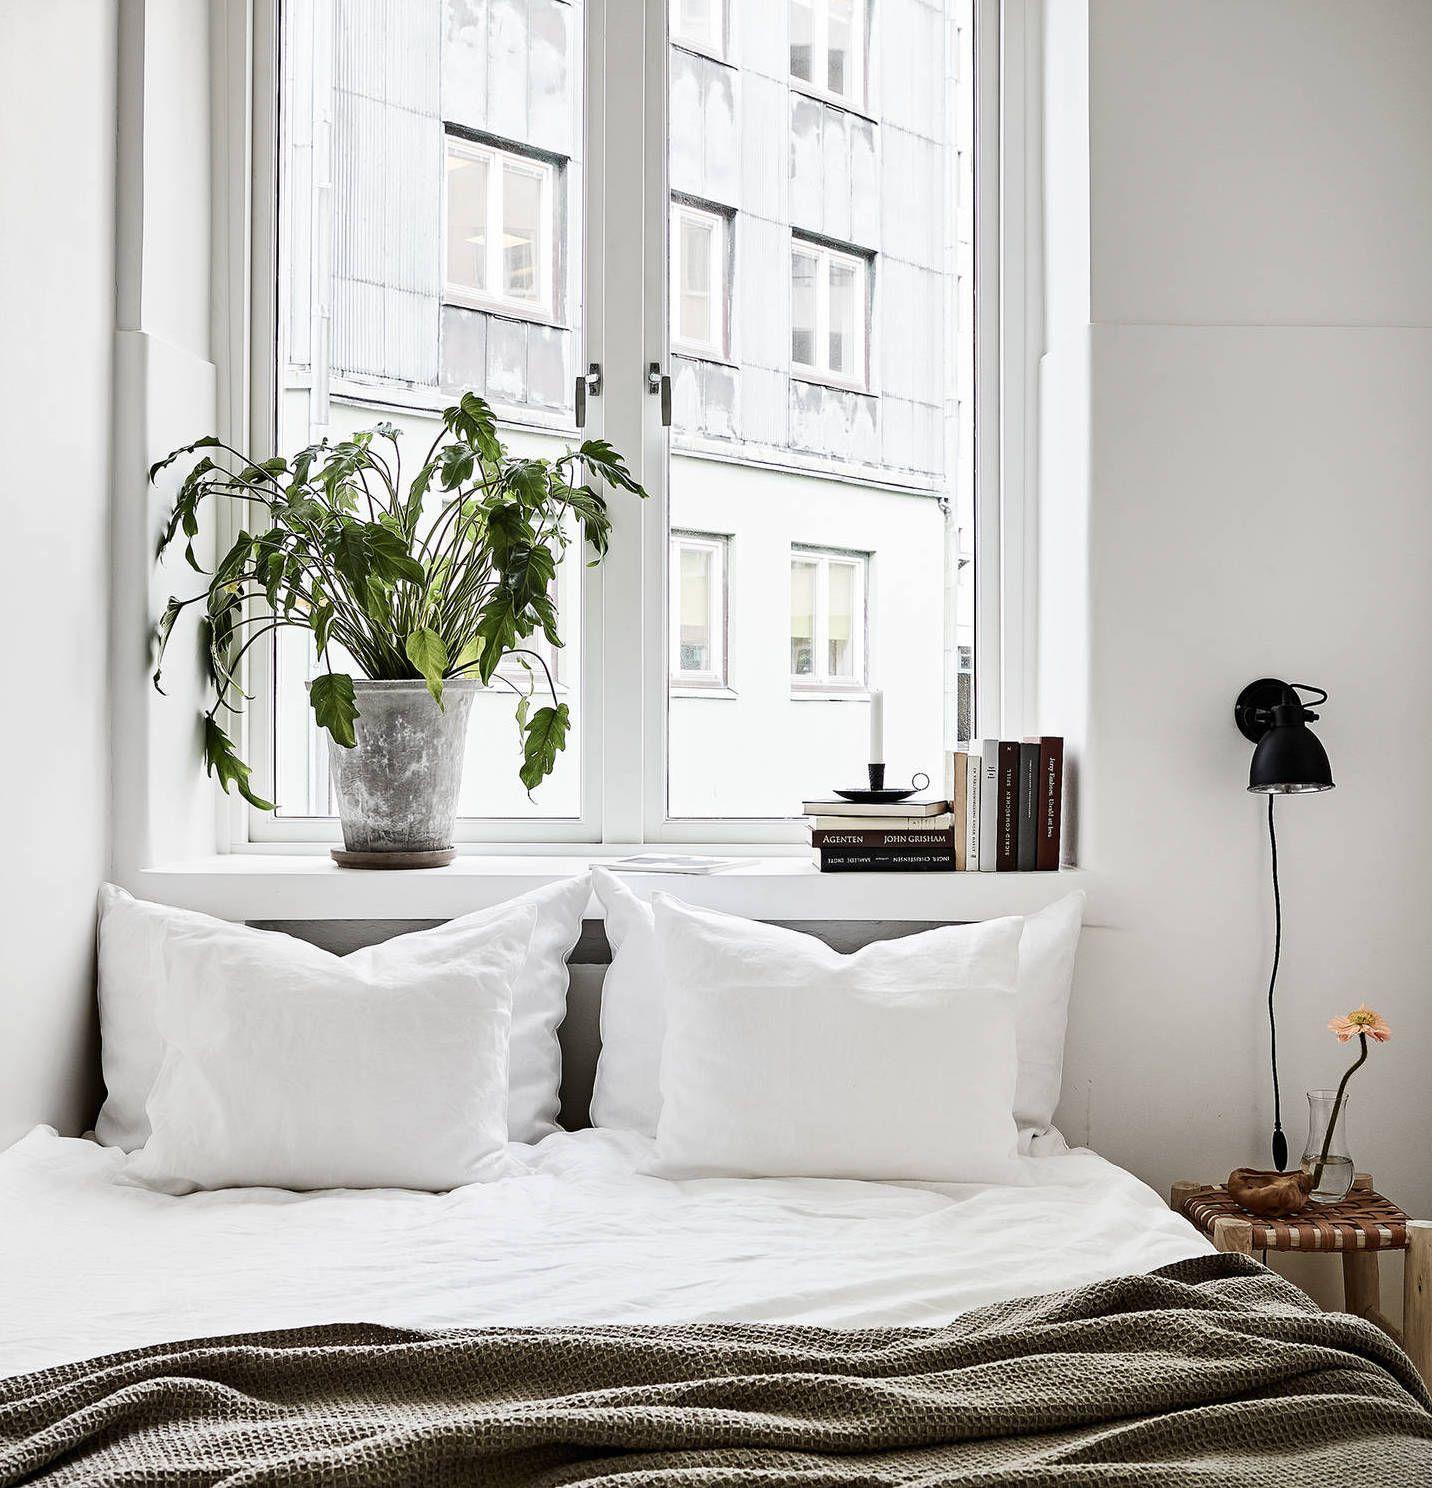 White home with warm details | Schlafzimmer, Ruhte und Schönes leben